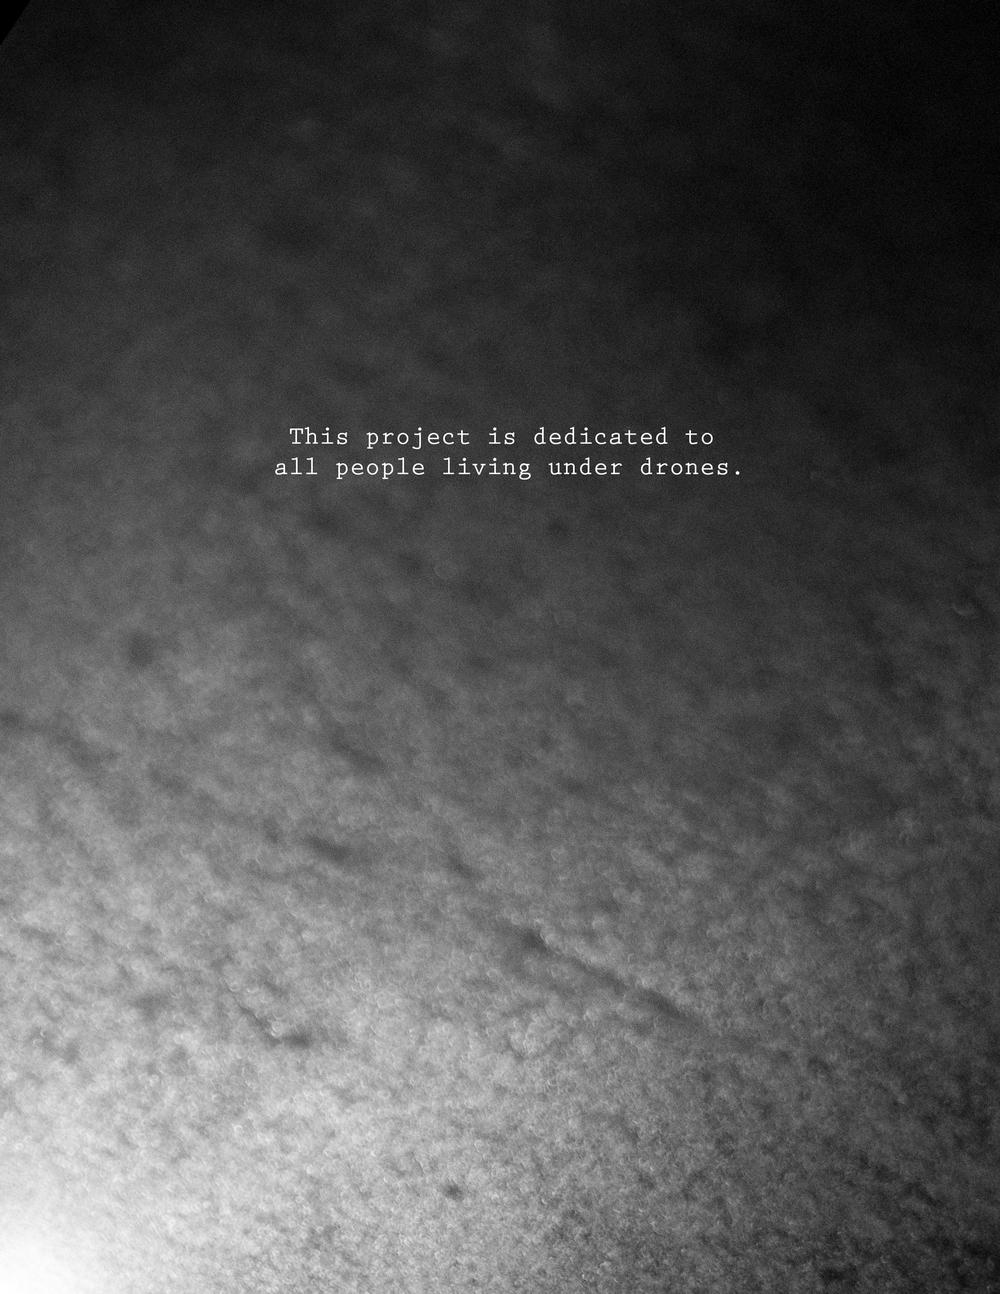 finalbook_drone_2.jpg